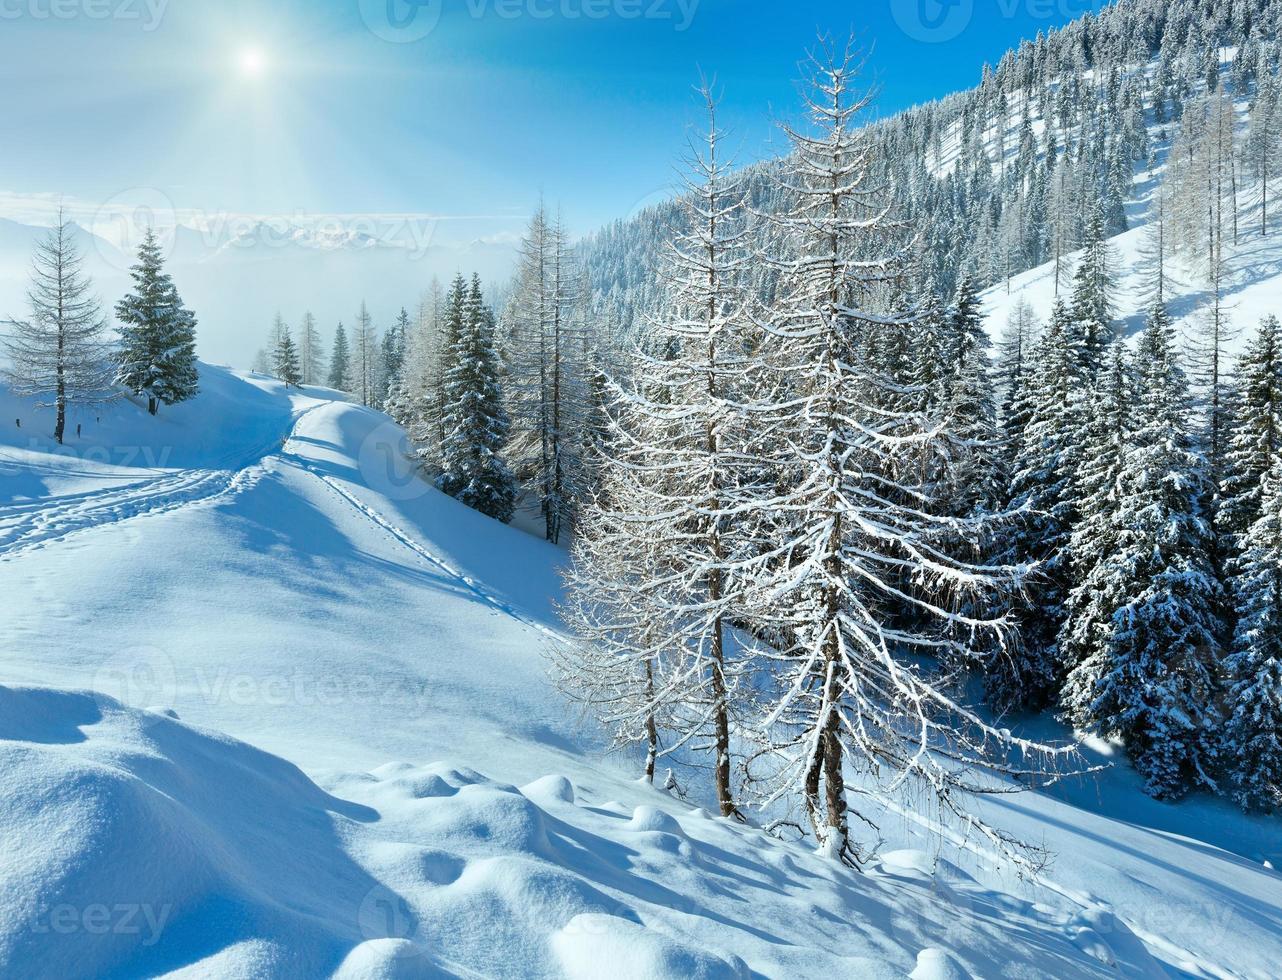 Morgen Winter neblige Berglandschaft foto